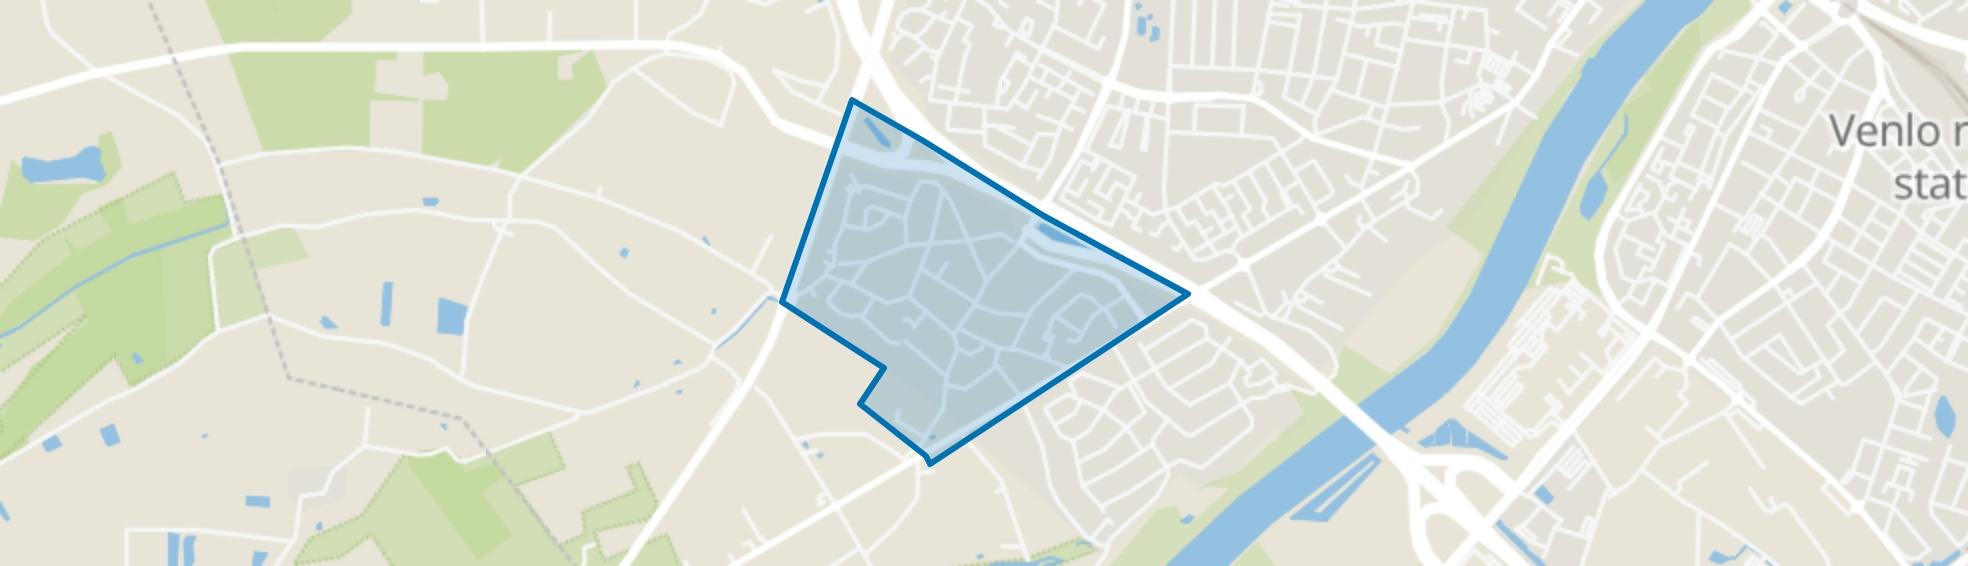 Kern Hout-Blerick, Venlo map